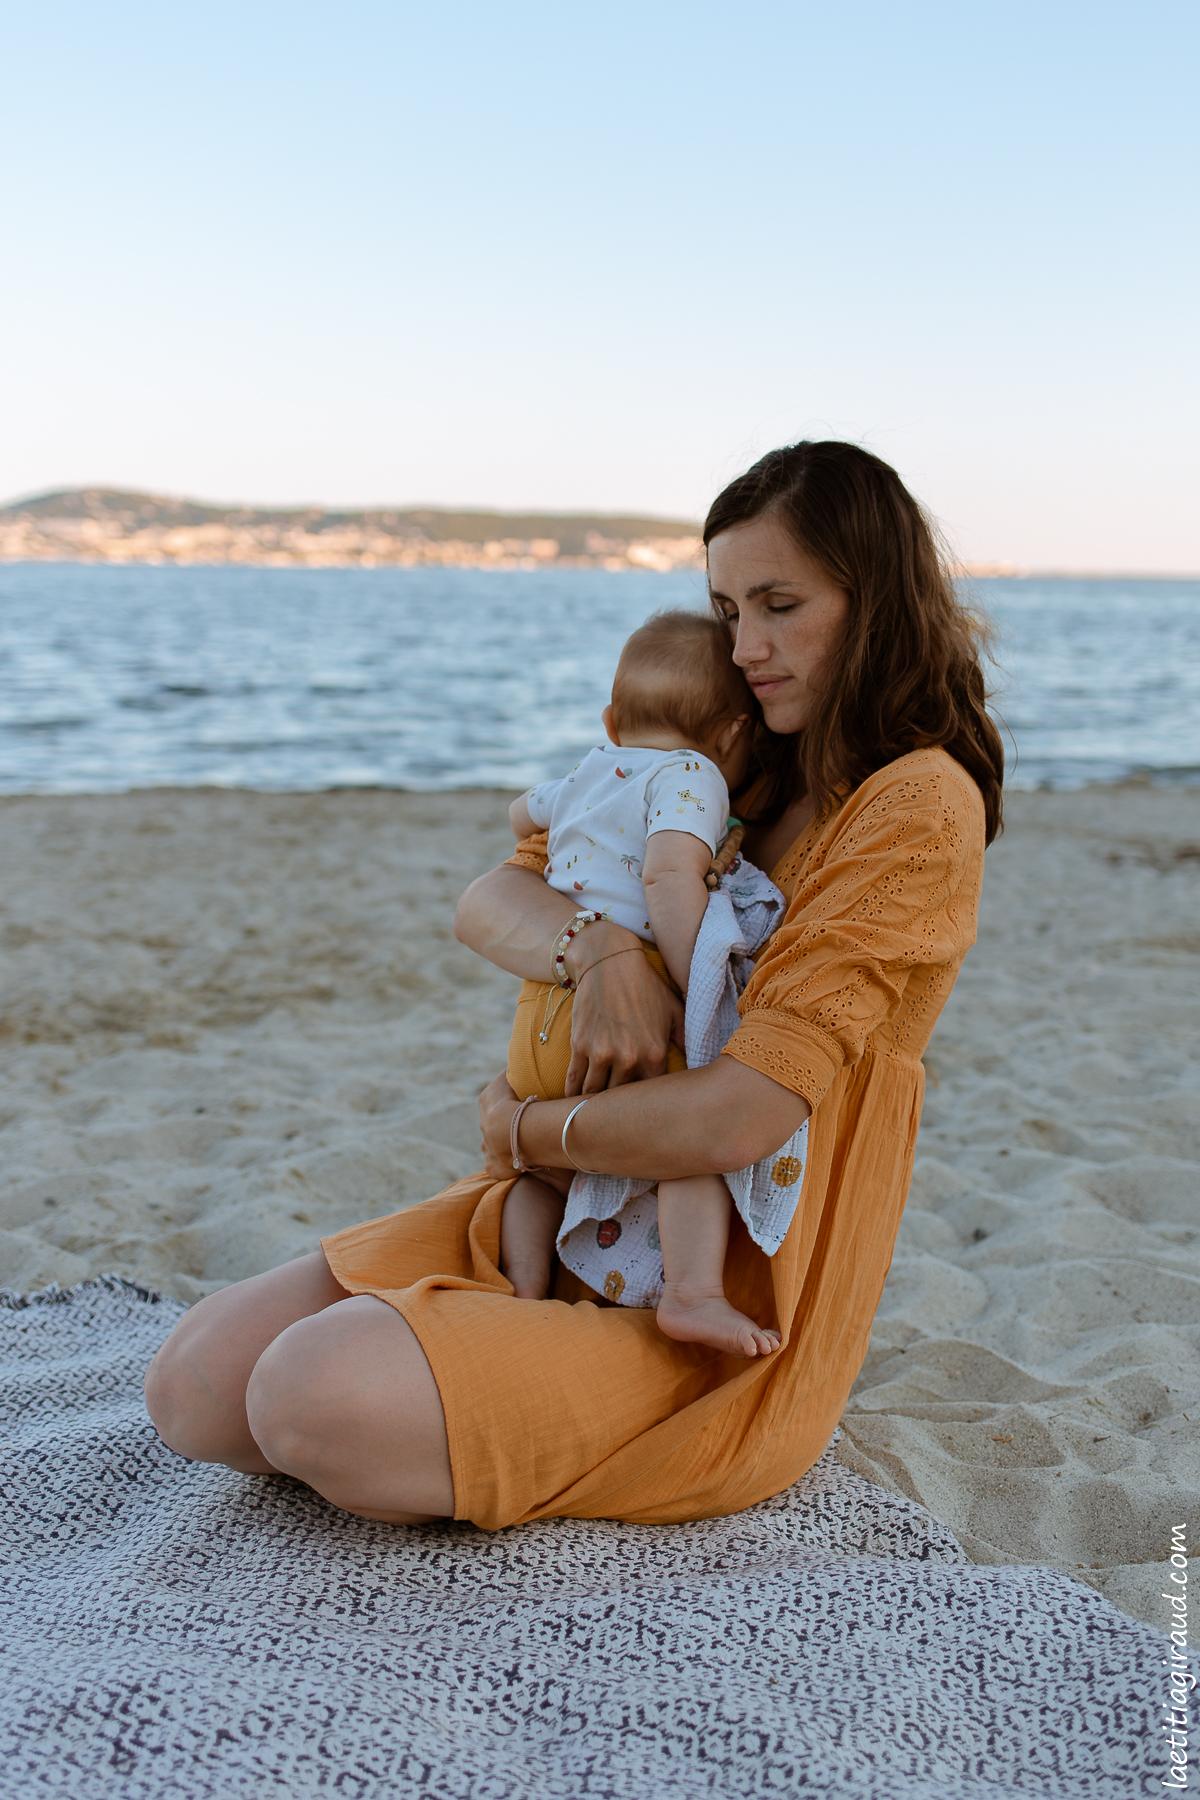 maman qui caline son nouveau né a la mer